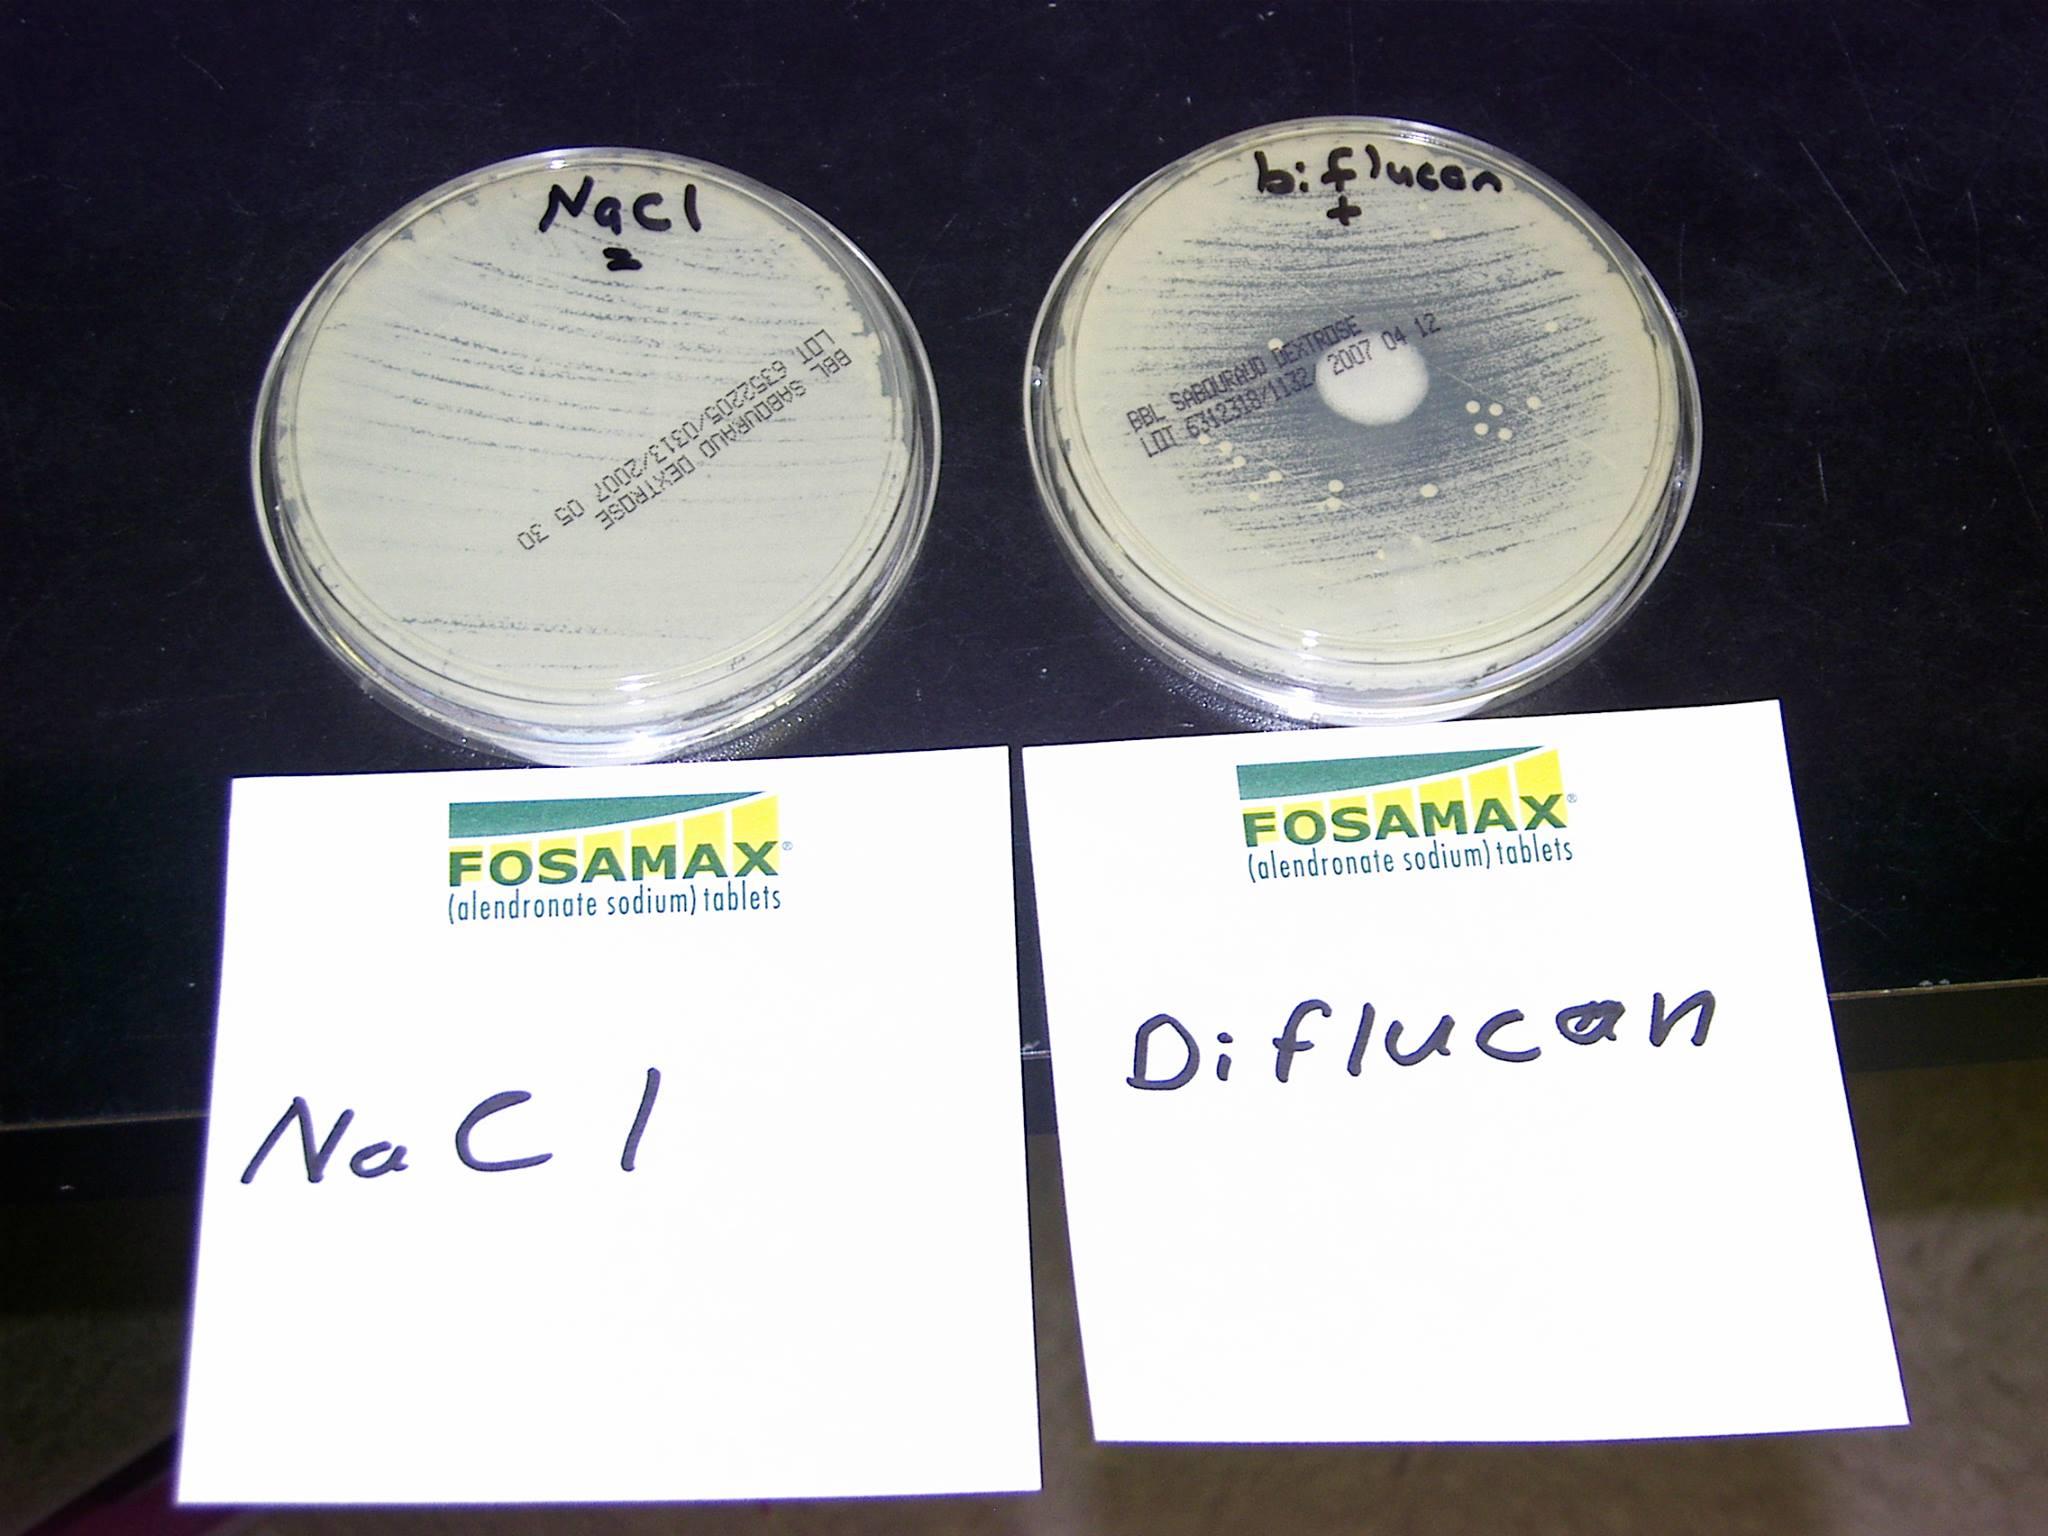 Petri – Sodium Chloride vs Diflucan